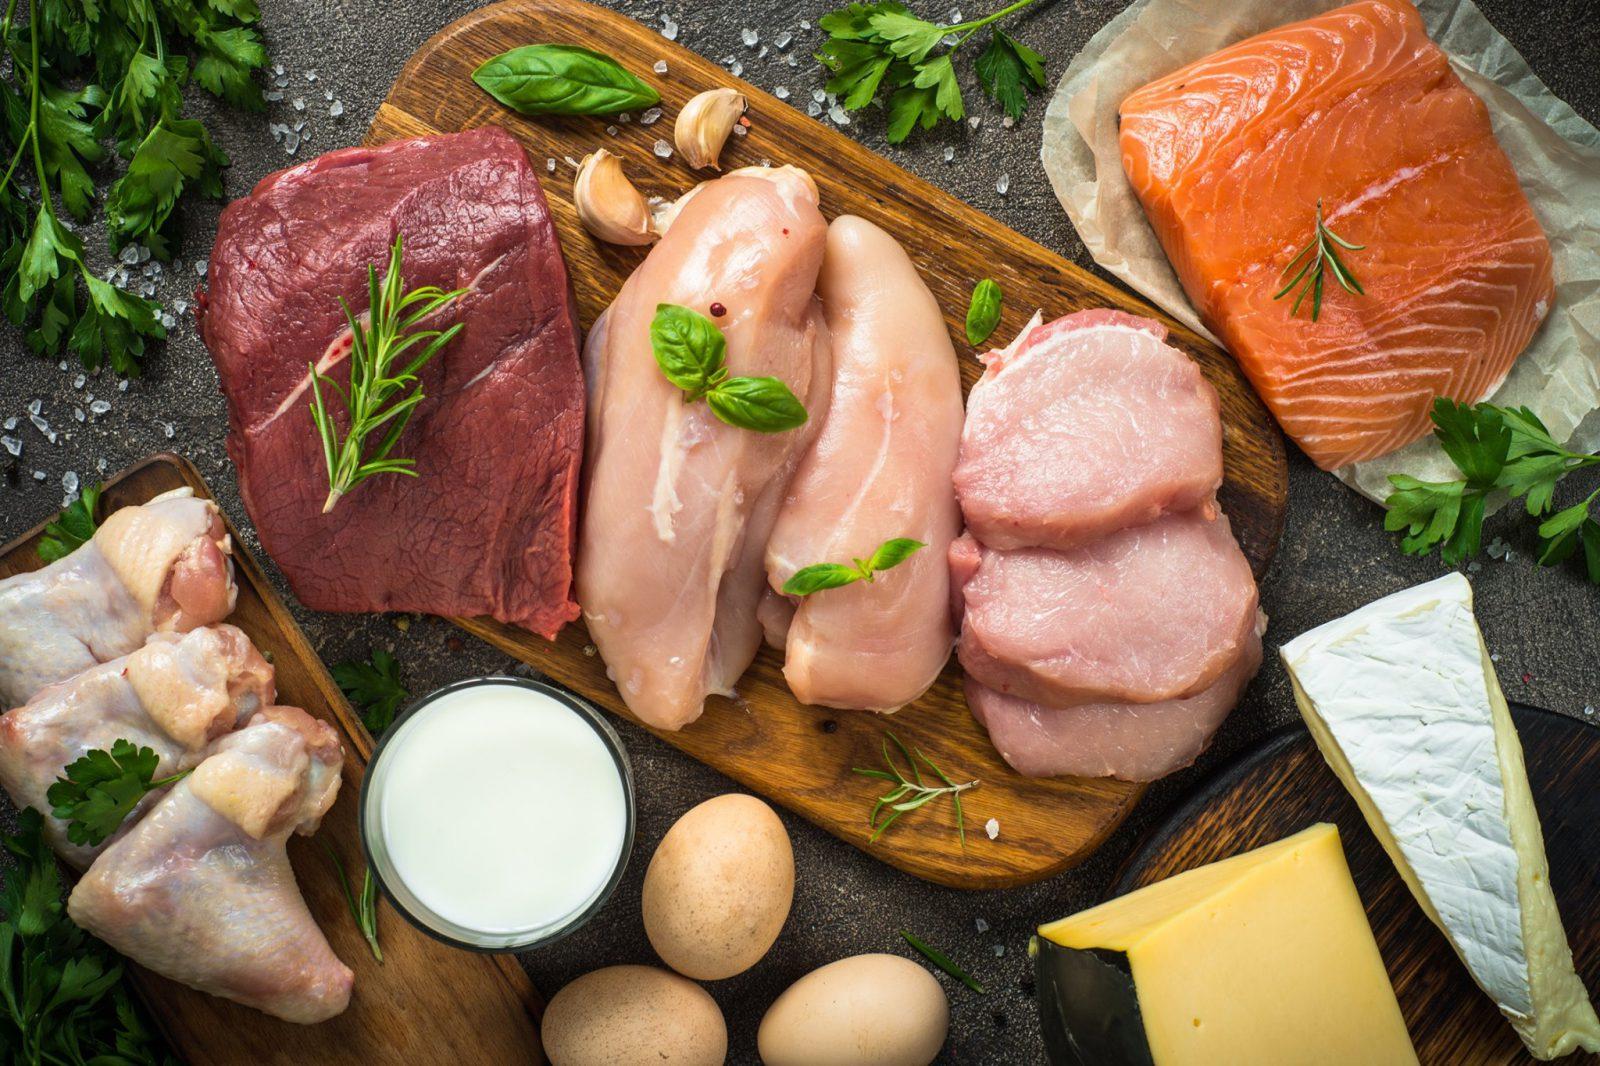 Comment les proteines aident a maigrir